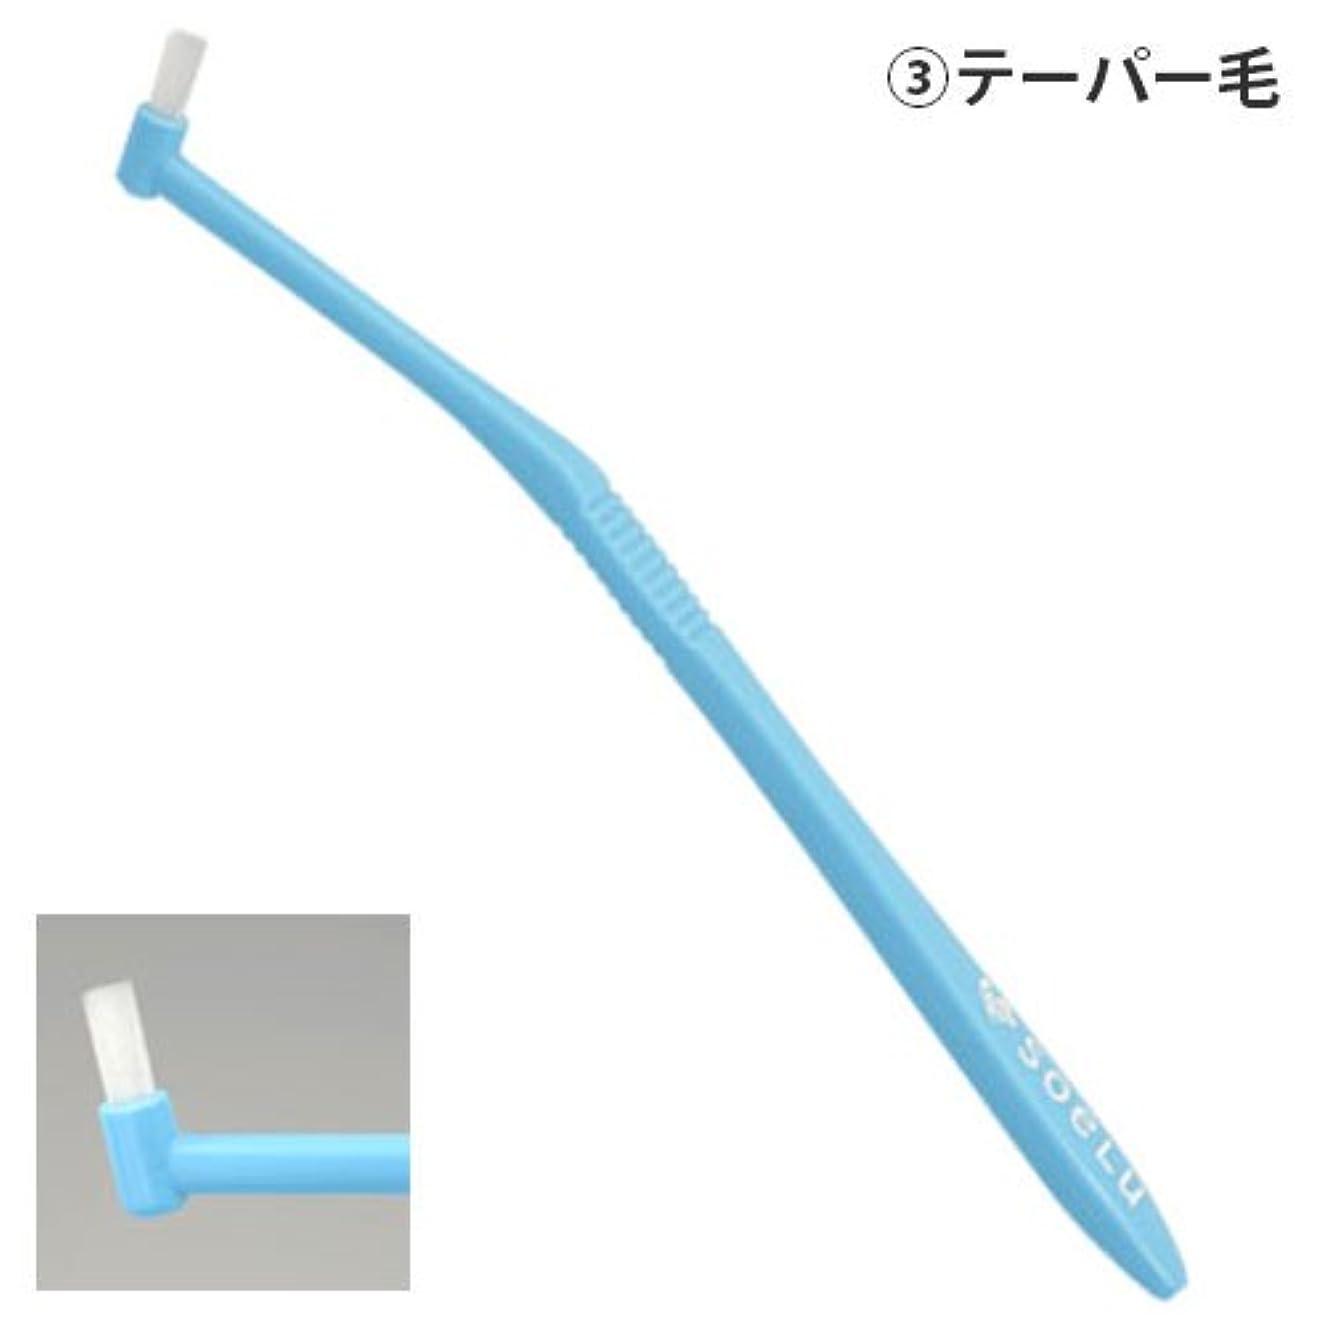 不均一である最少ソエル 歯ブラシ PLUS テーパー毛